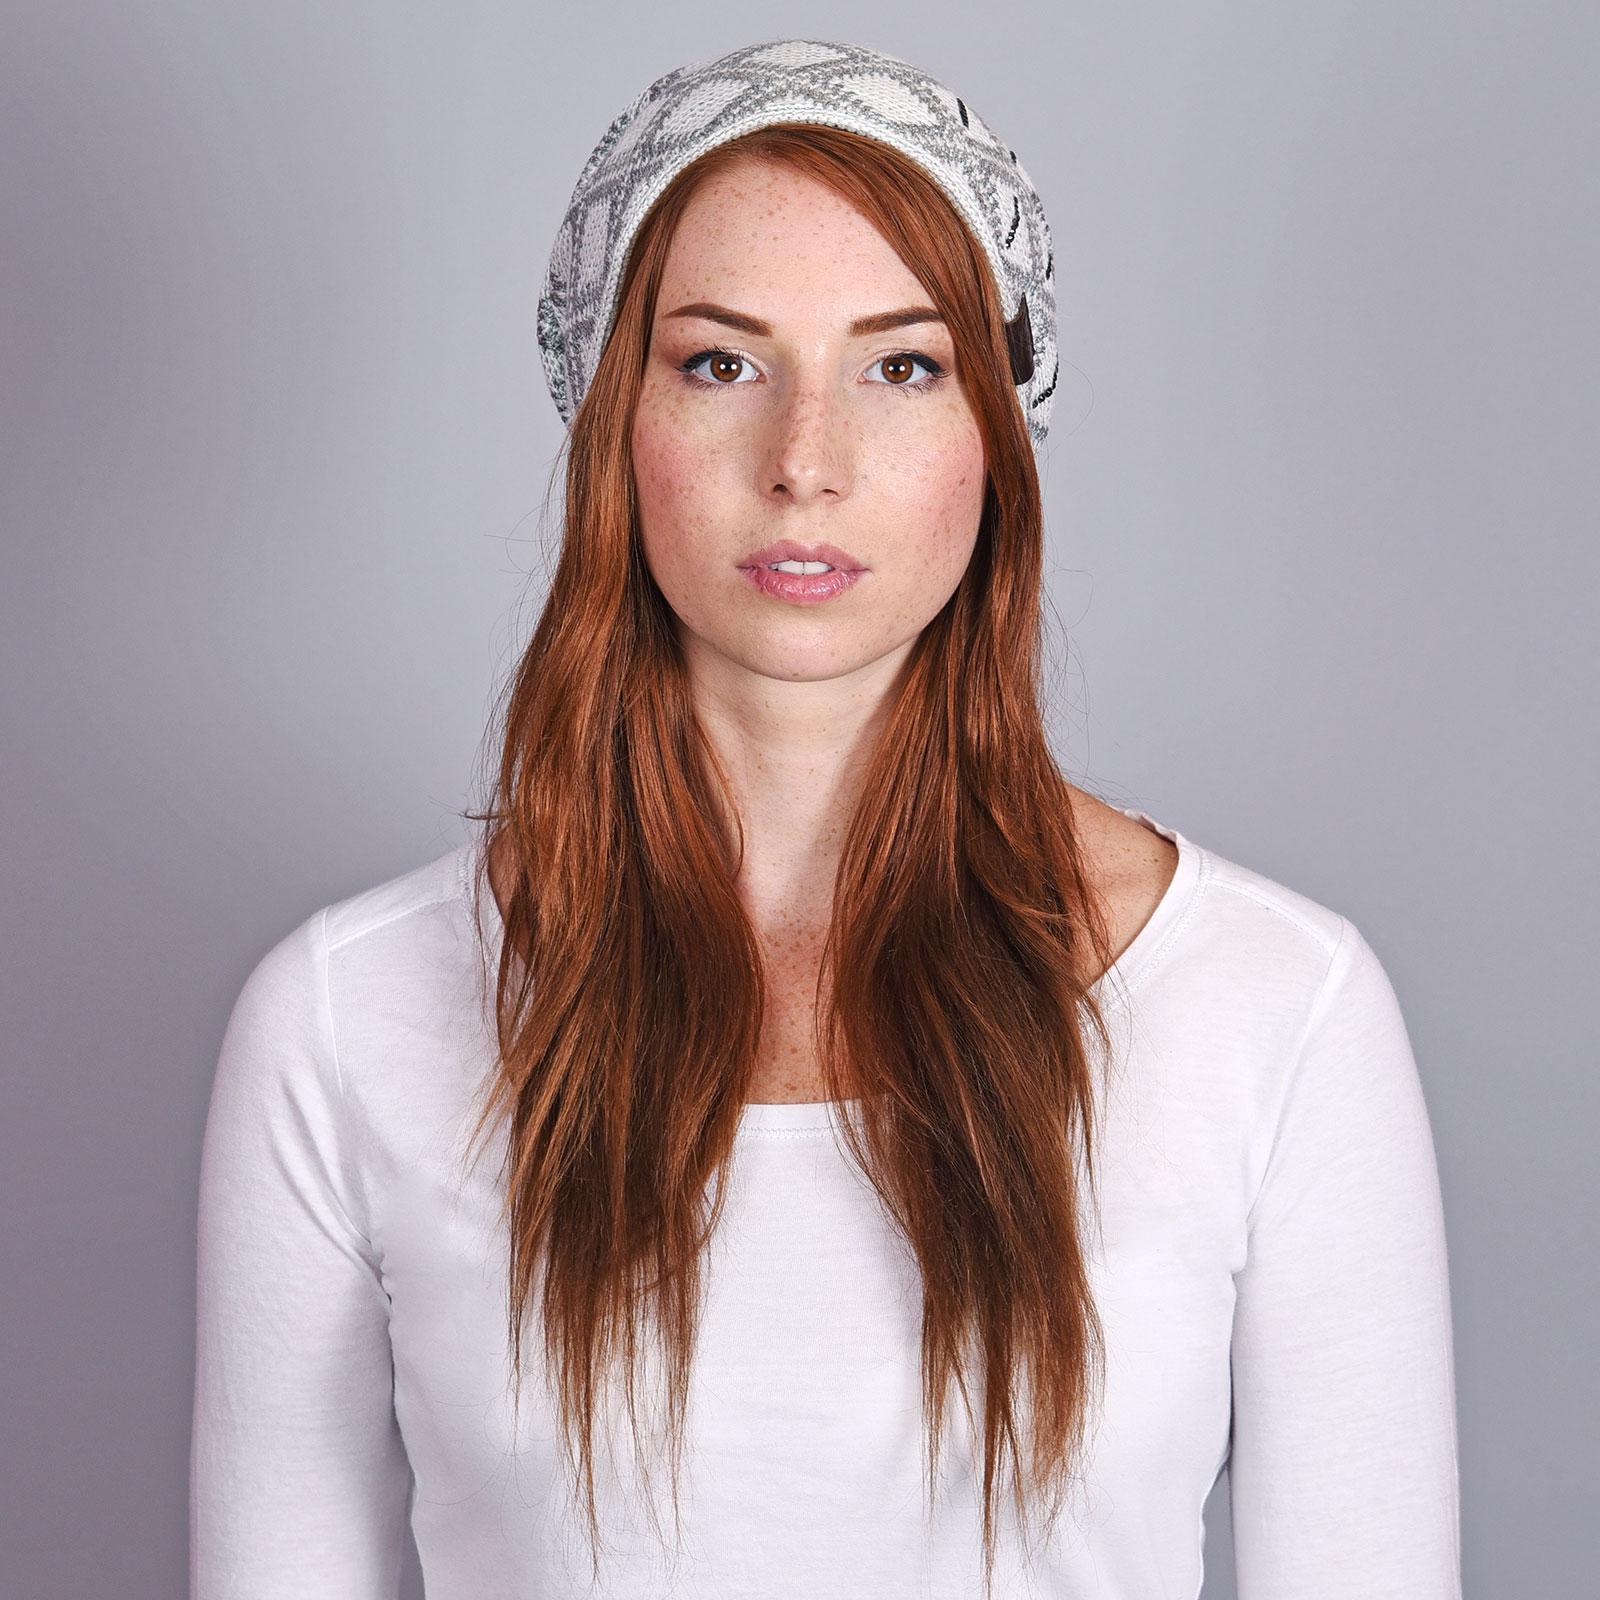 CP-01043-VF16-2-bonnet-femme-hiver-losanges-gris